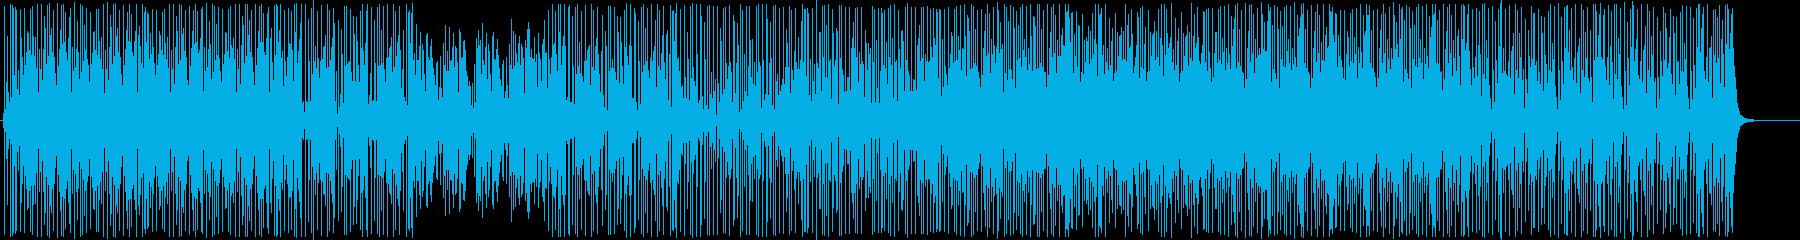 クール-ファンキーなウッドベースビートの再生済みの波形